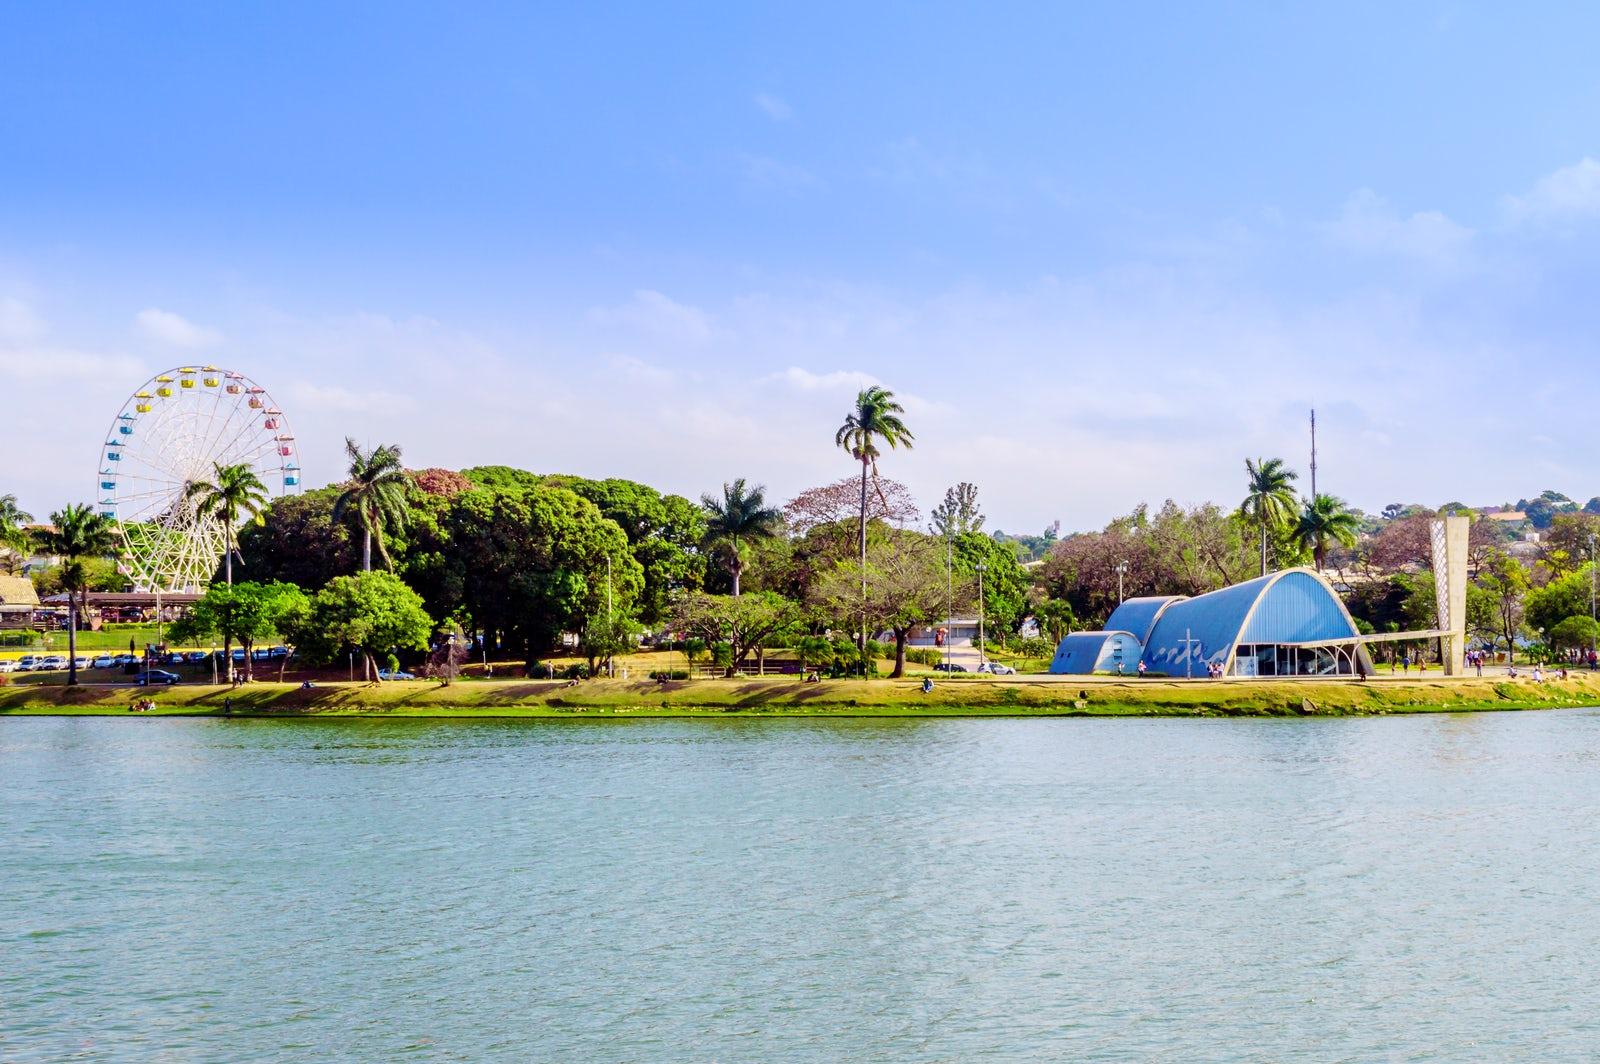 پارک زیست محیطی بلوهوریزونته برزیل